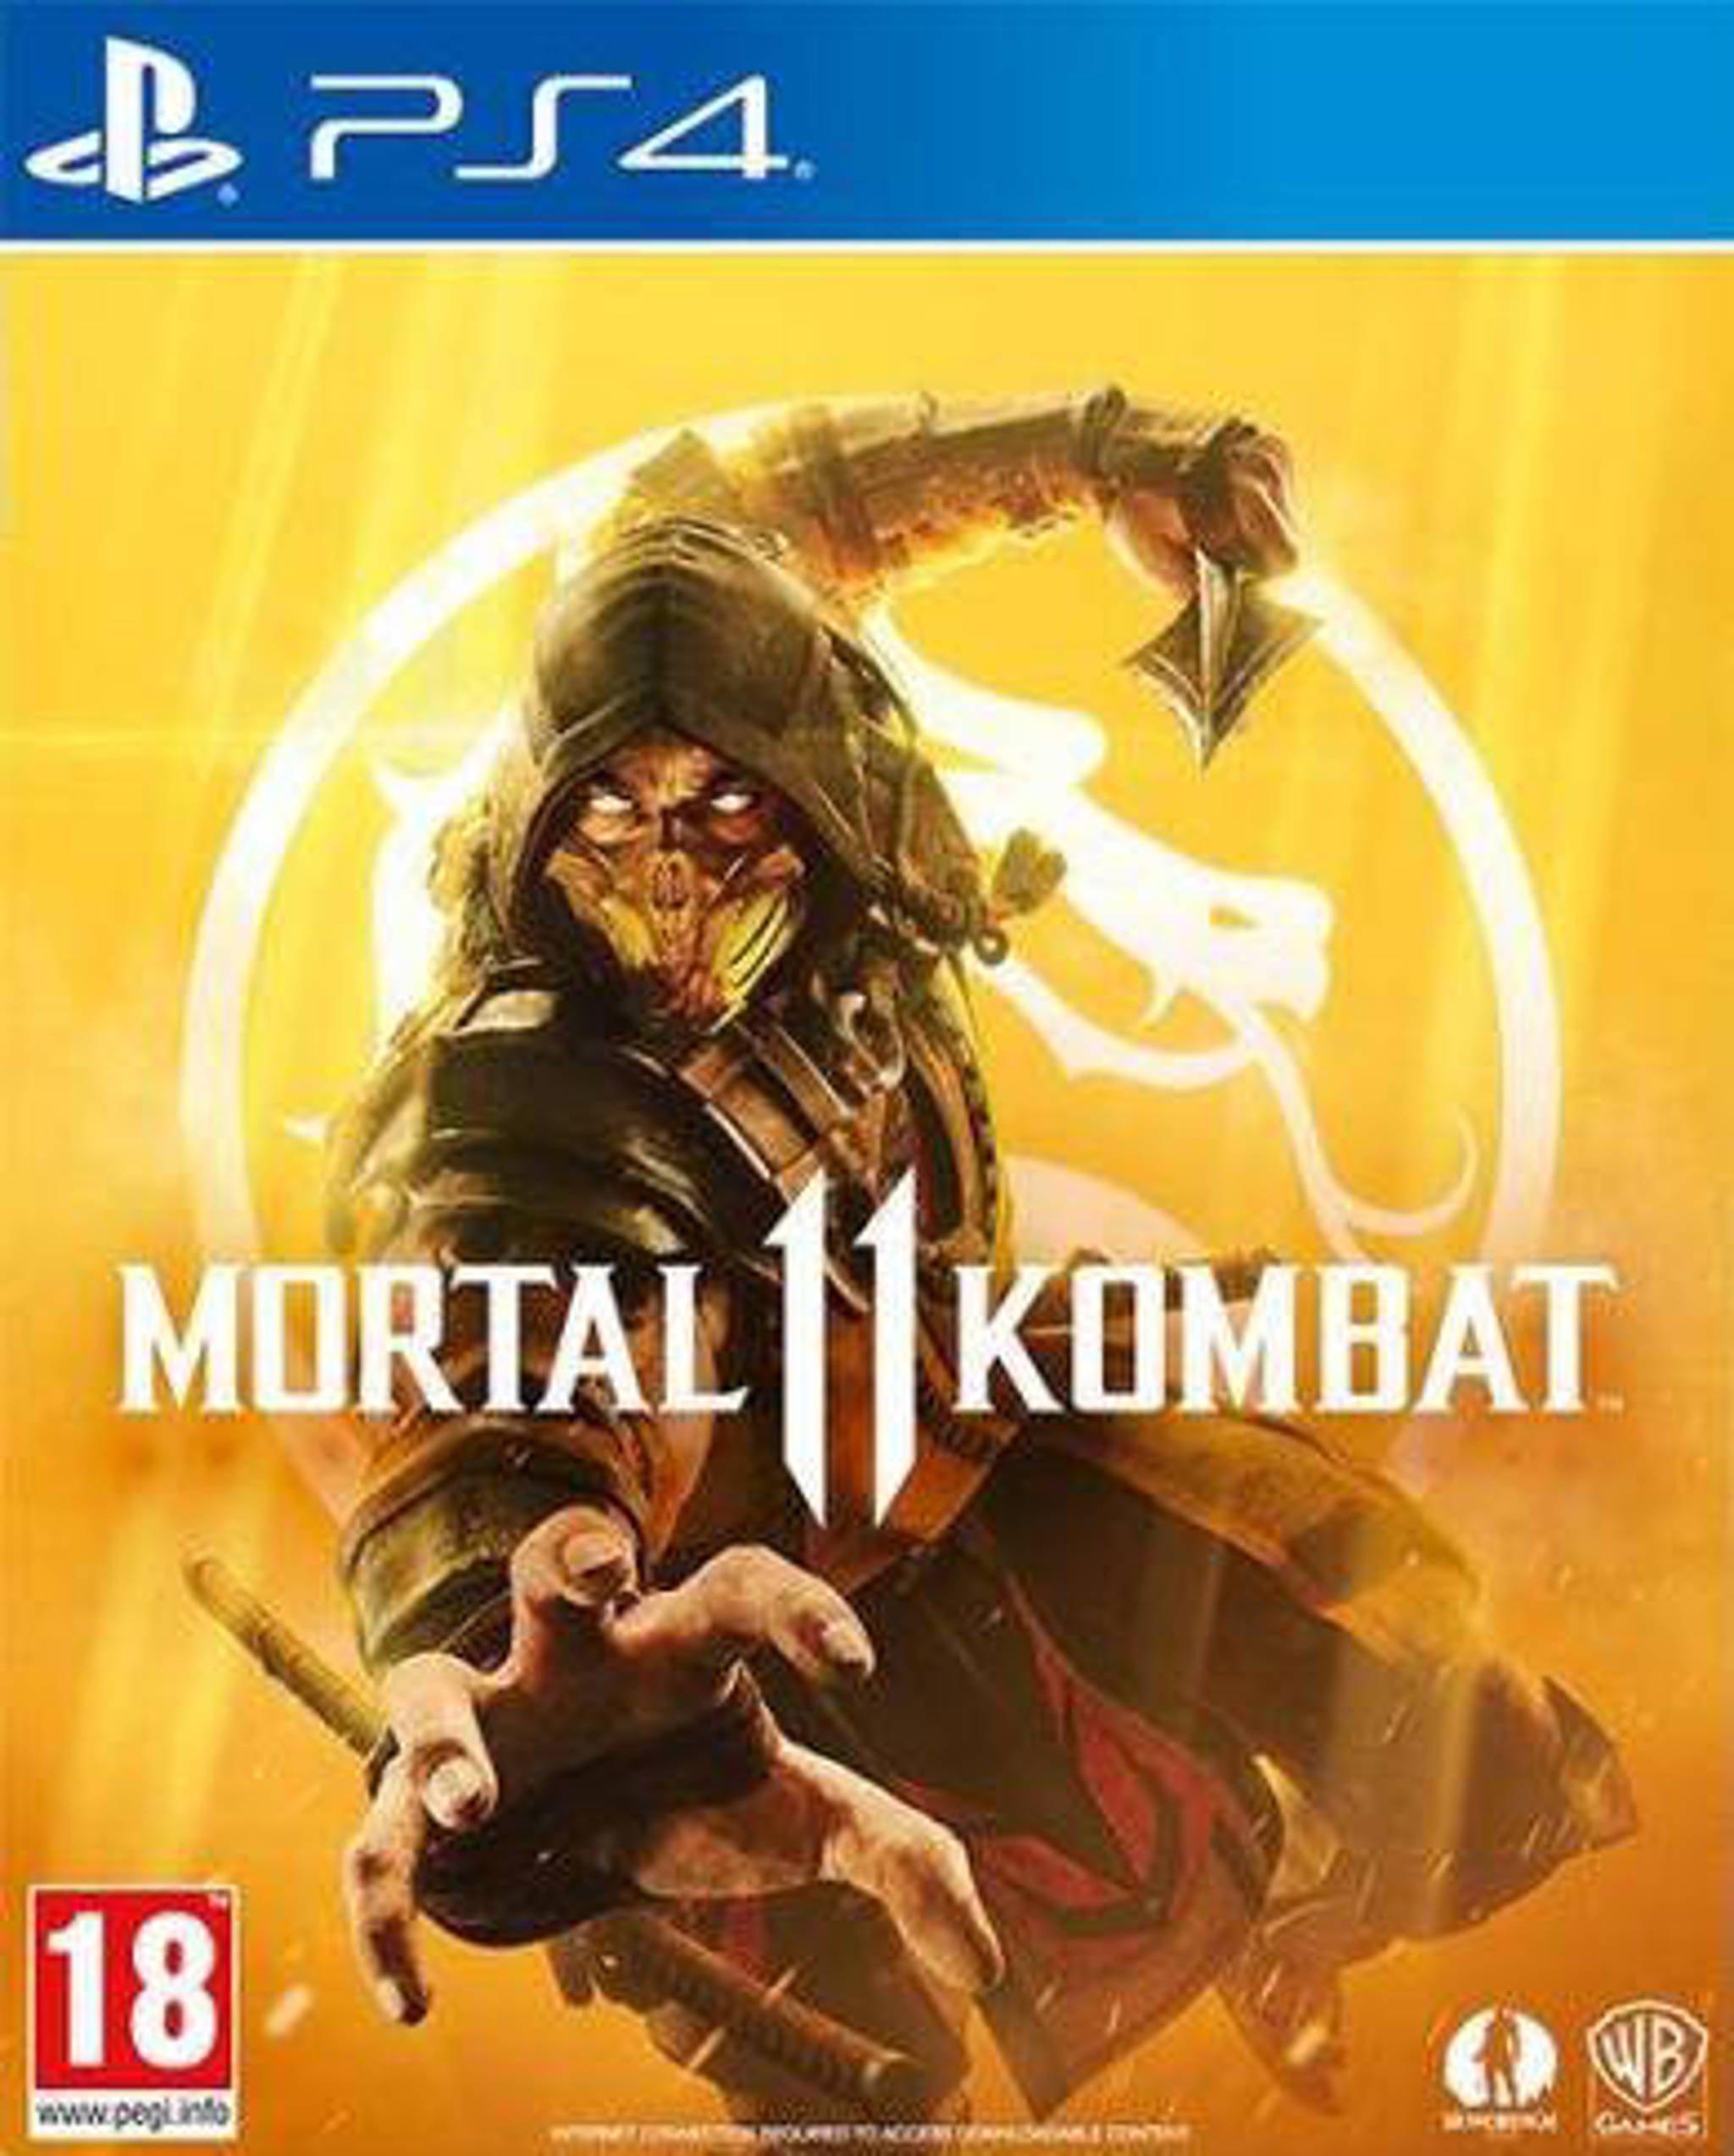 Mortal kombat 11 voor ps4